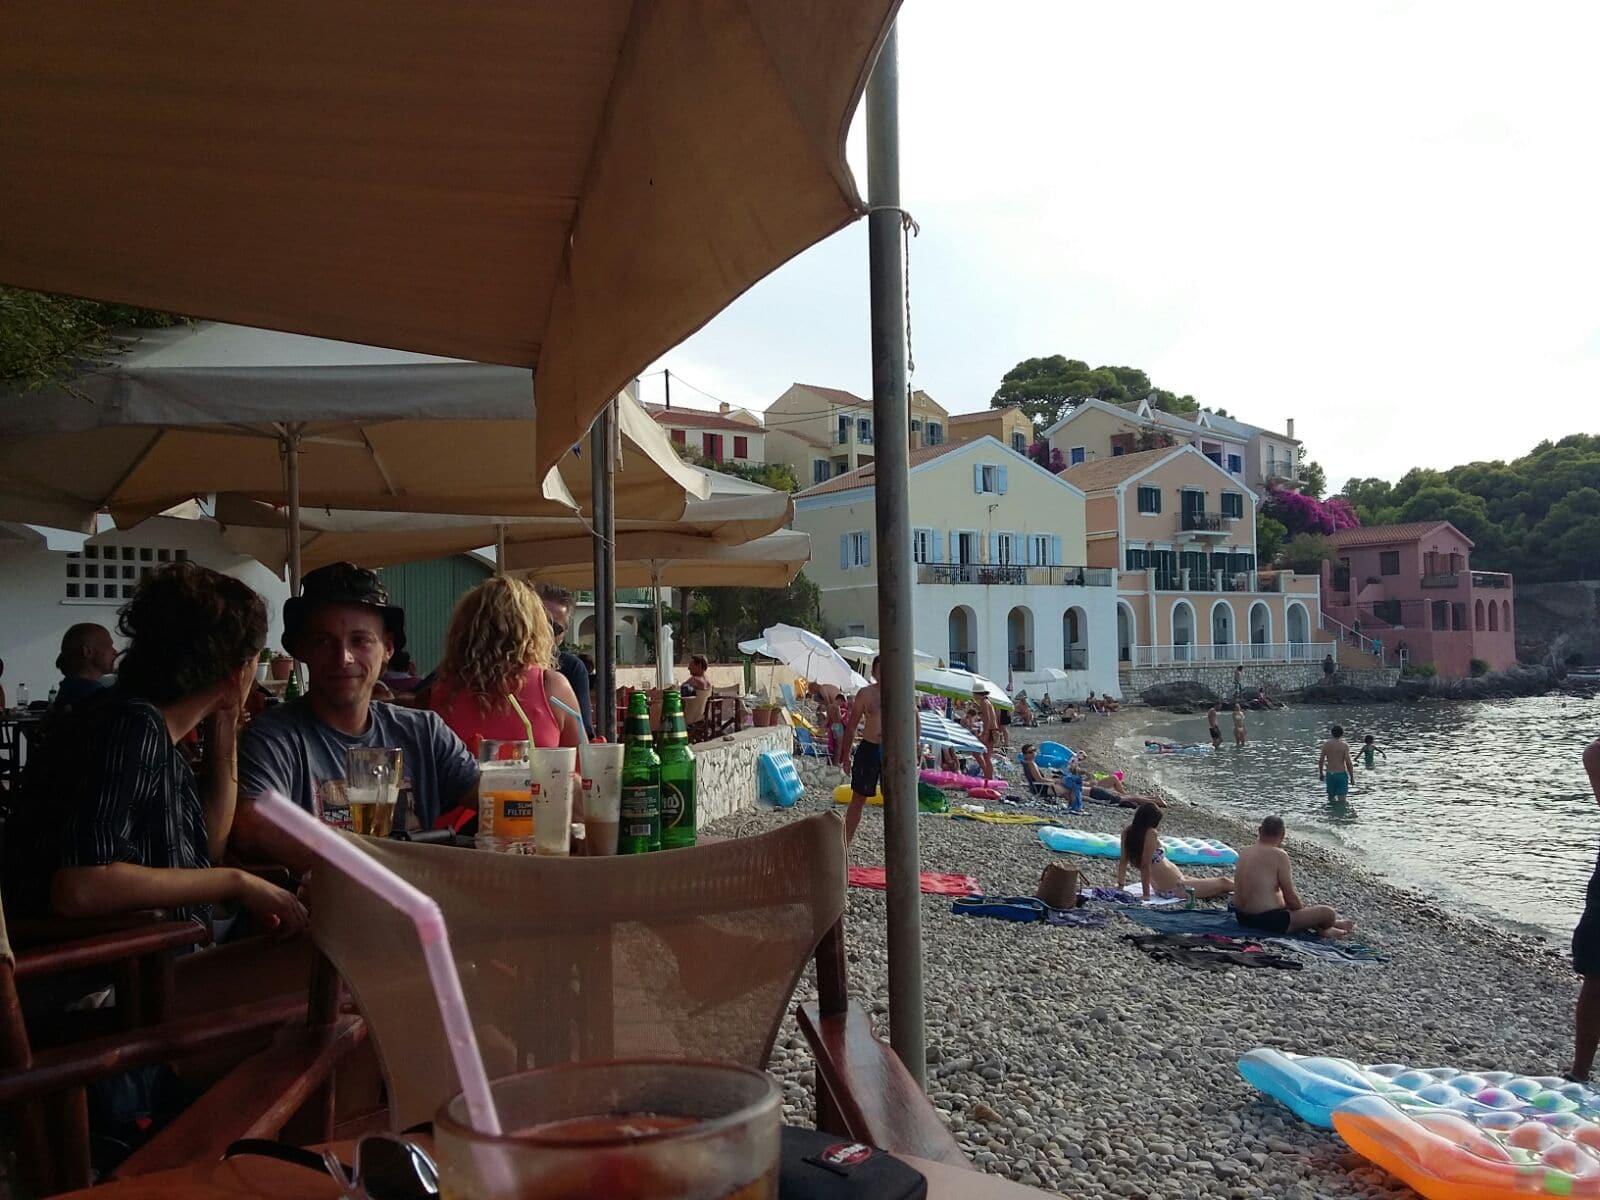 CEFALONIA CON I BAMBINI | Dai che partiamo | Travel blog